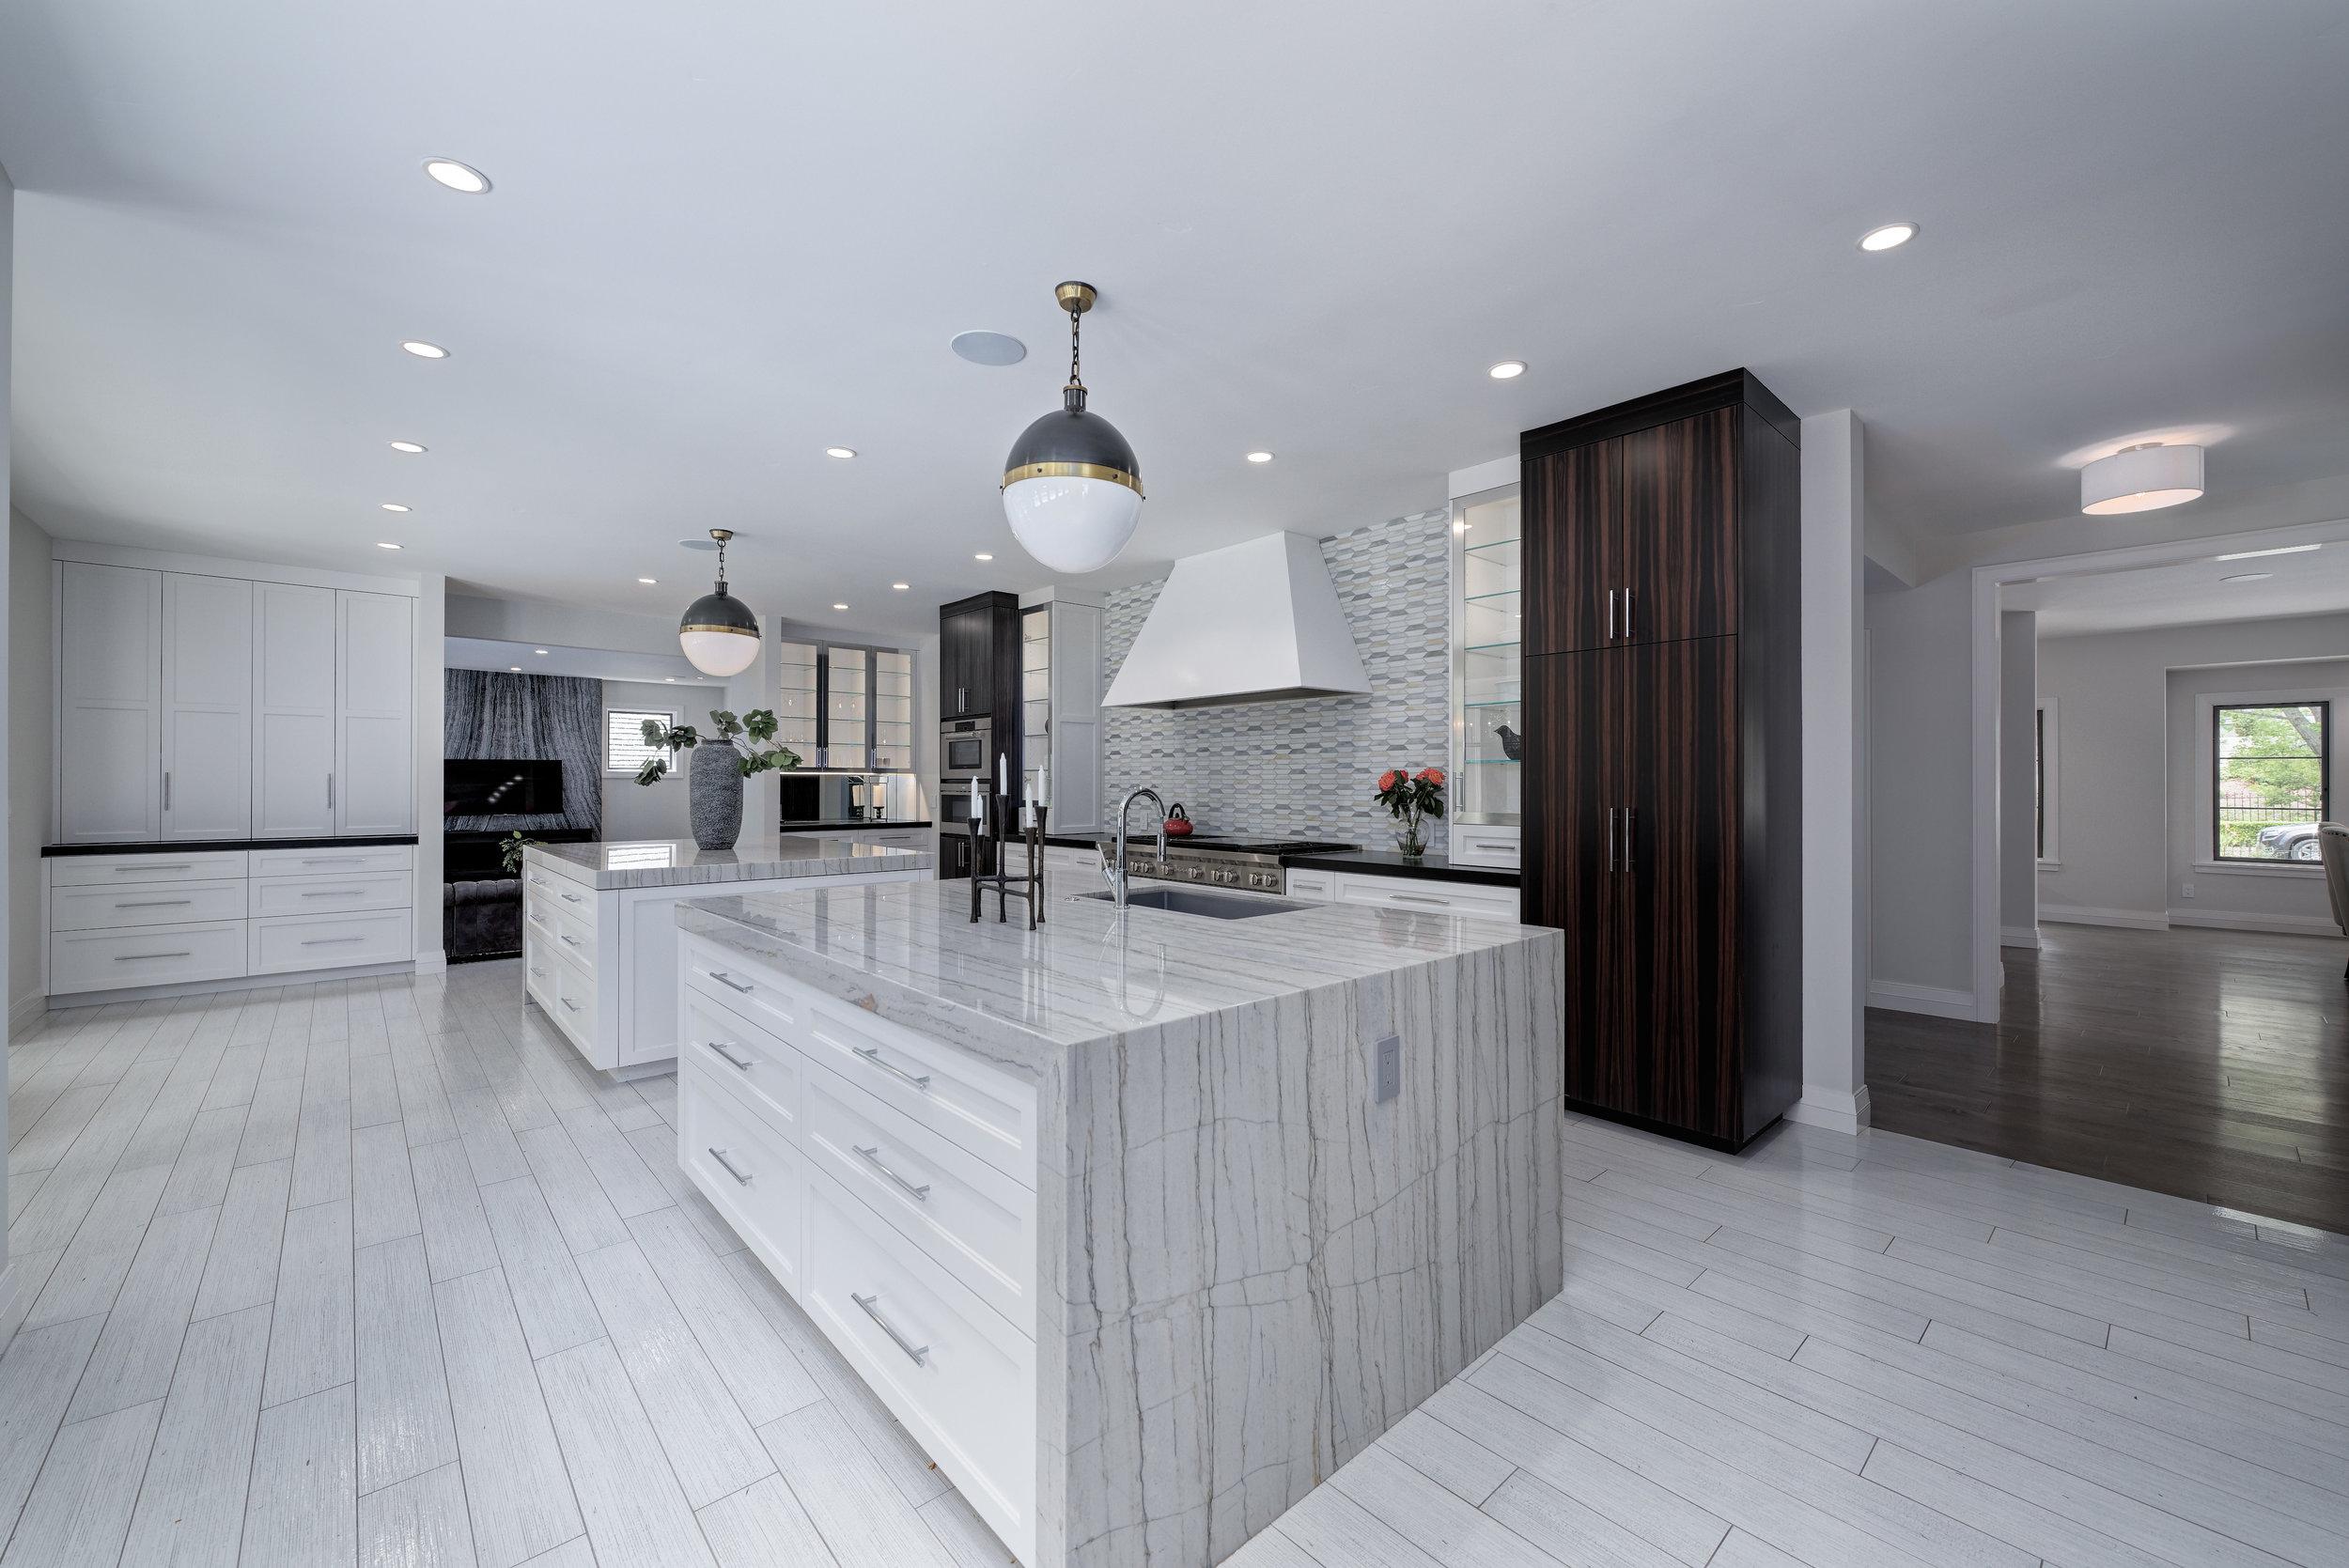 12_kitchen from refrig.jpg